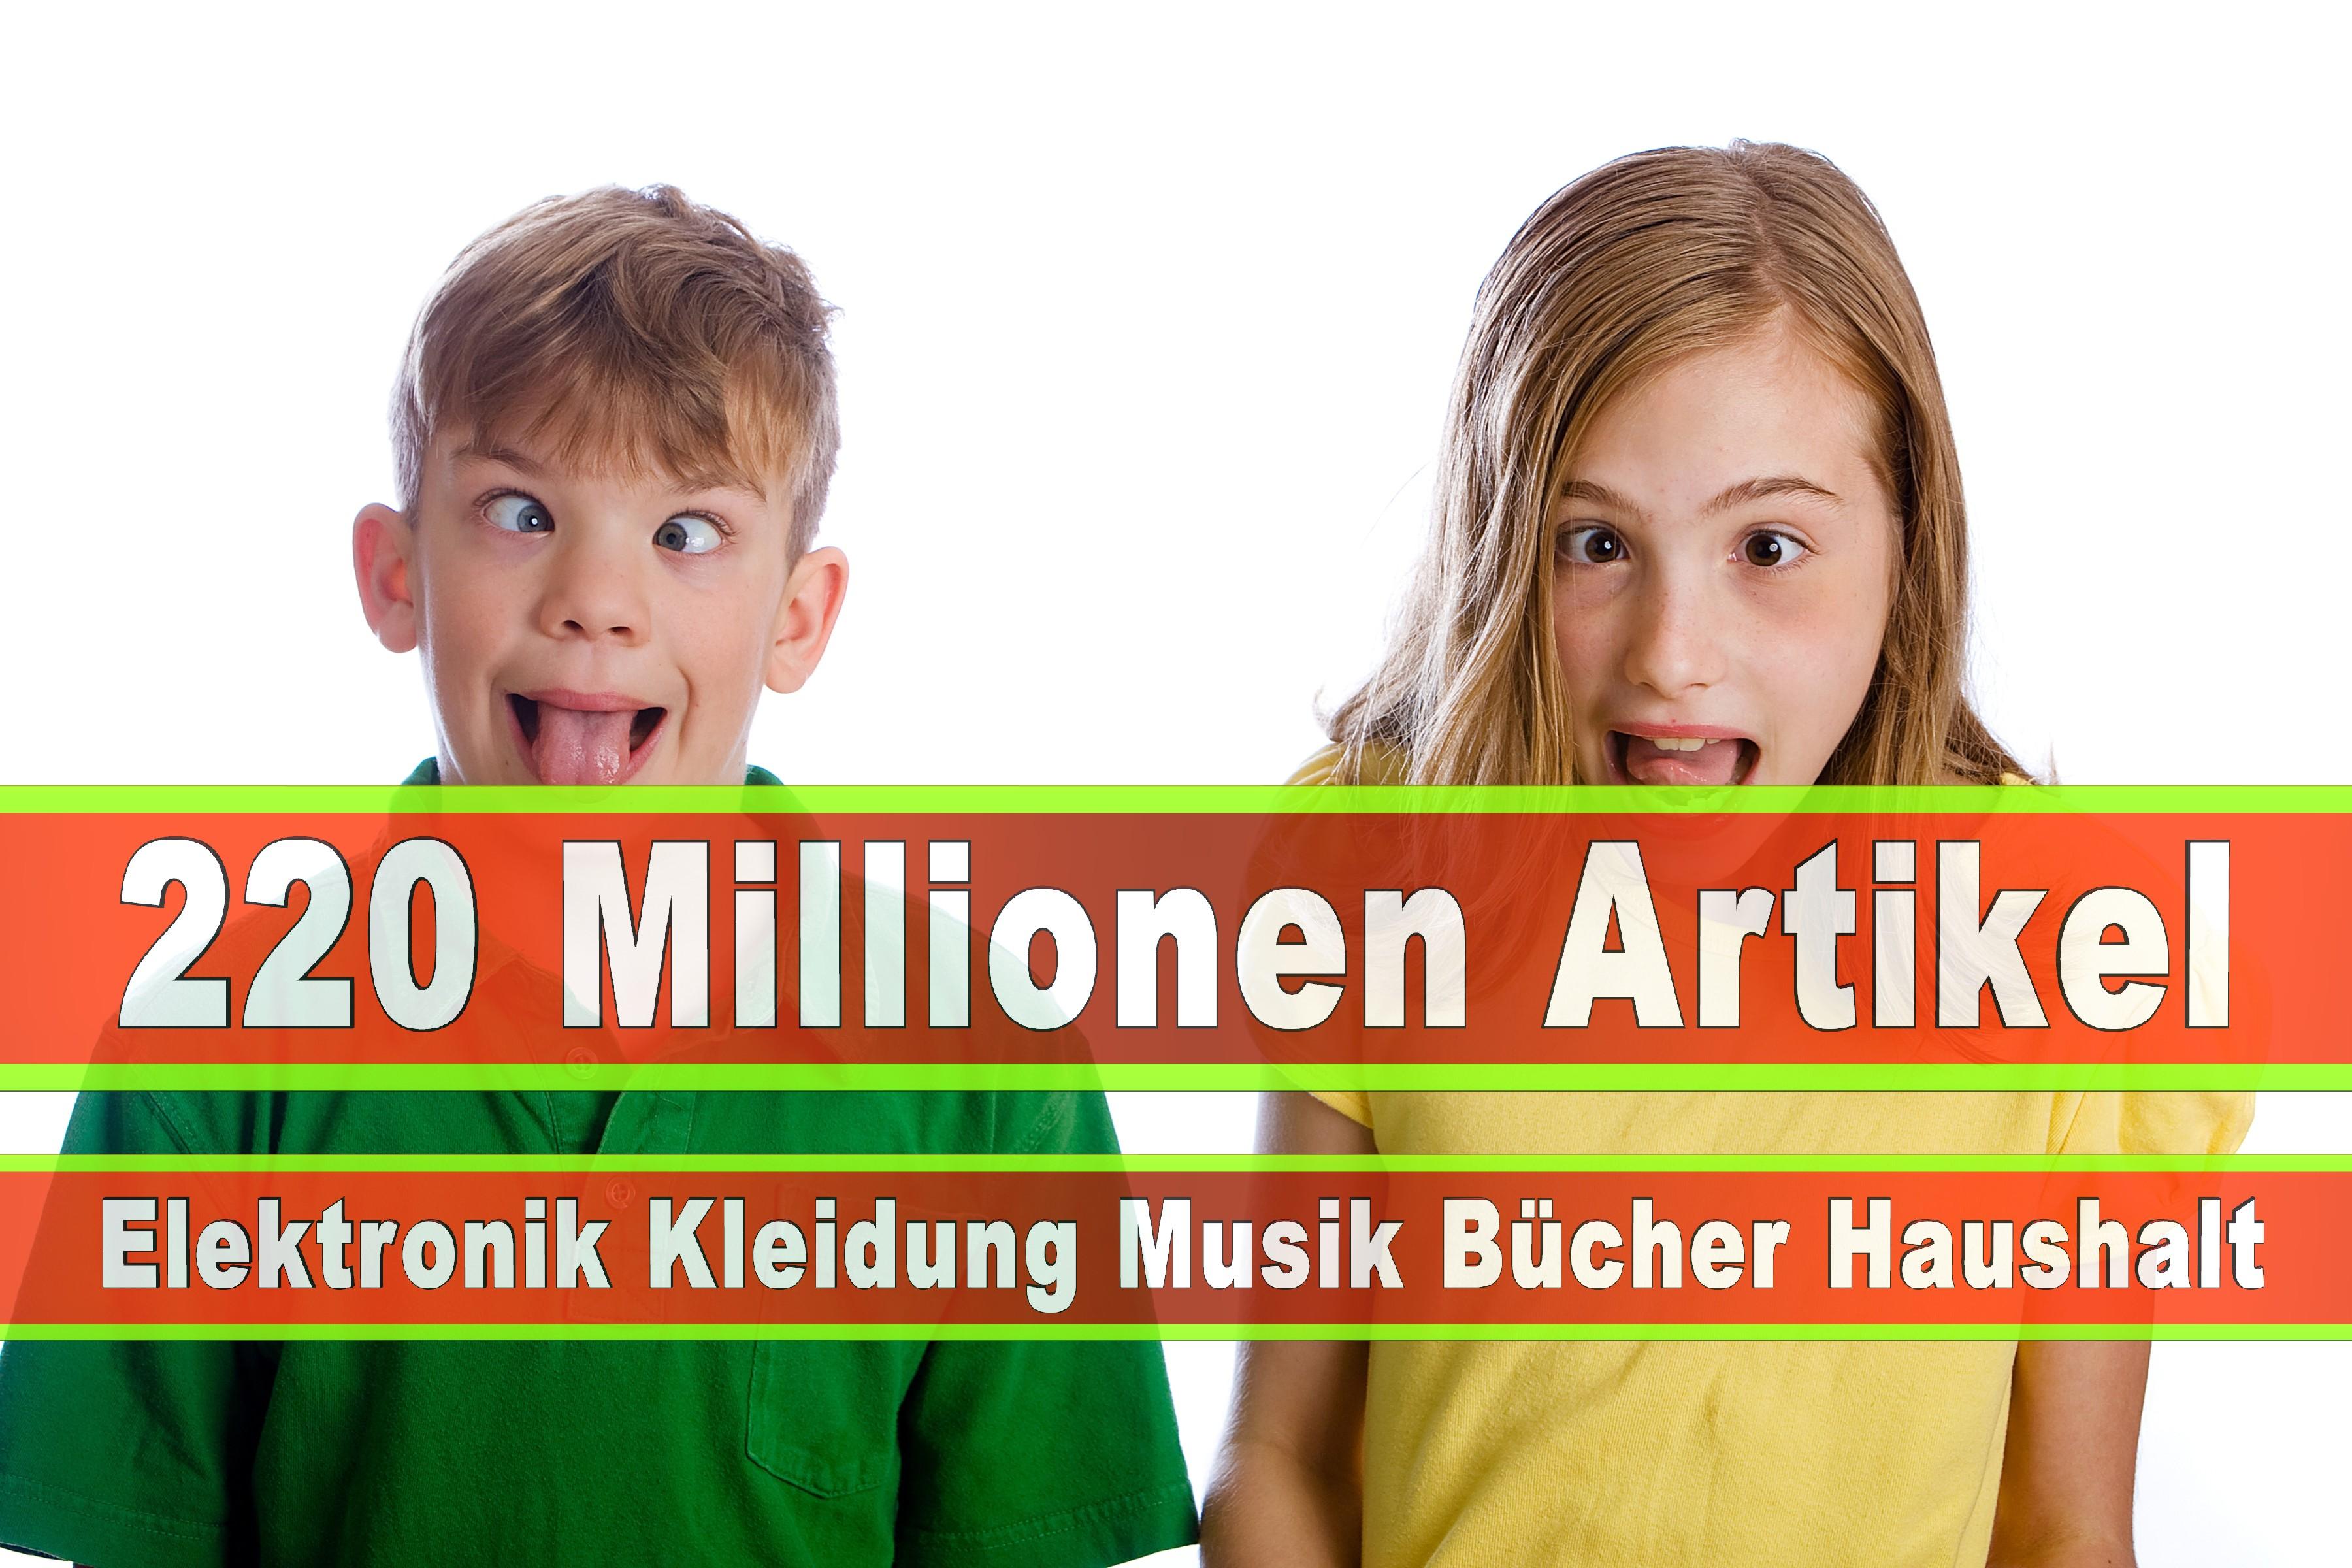 Amazon Elektronik Musik Haushalt Bücher CD DVD Handys Smartphones TV Television Fernseher Kleidung Mode Ebay Versandhaus (76)